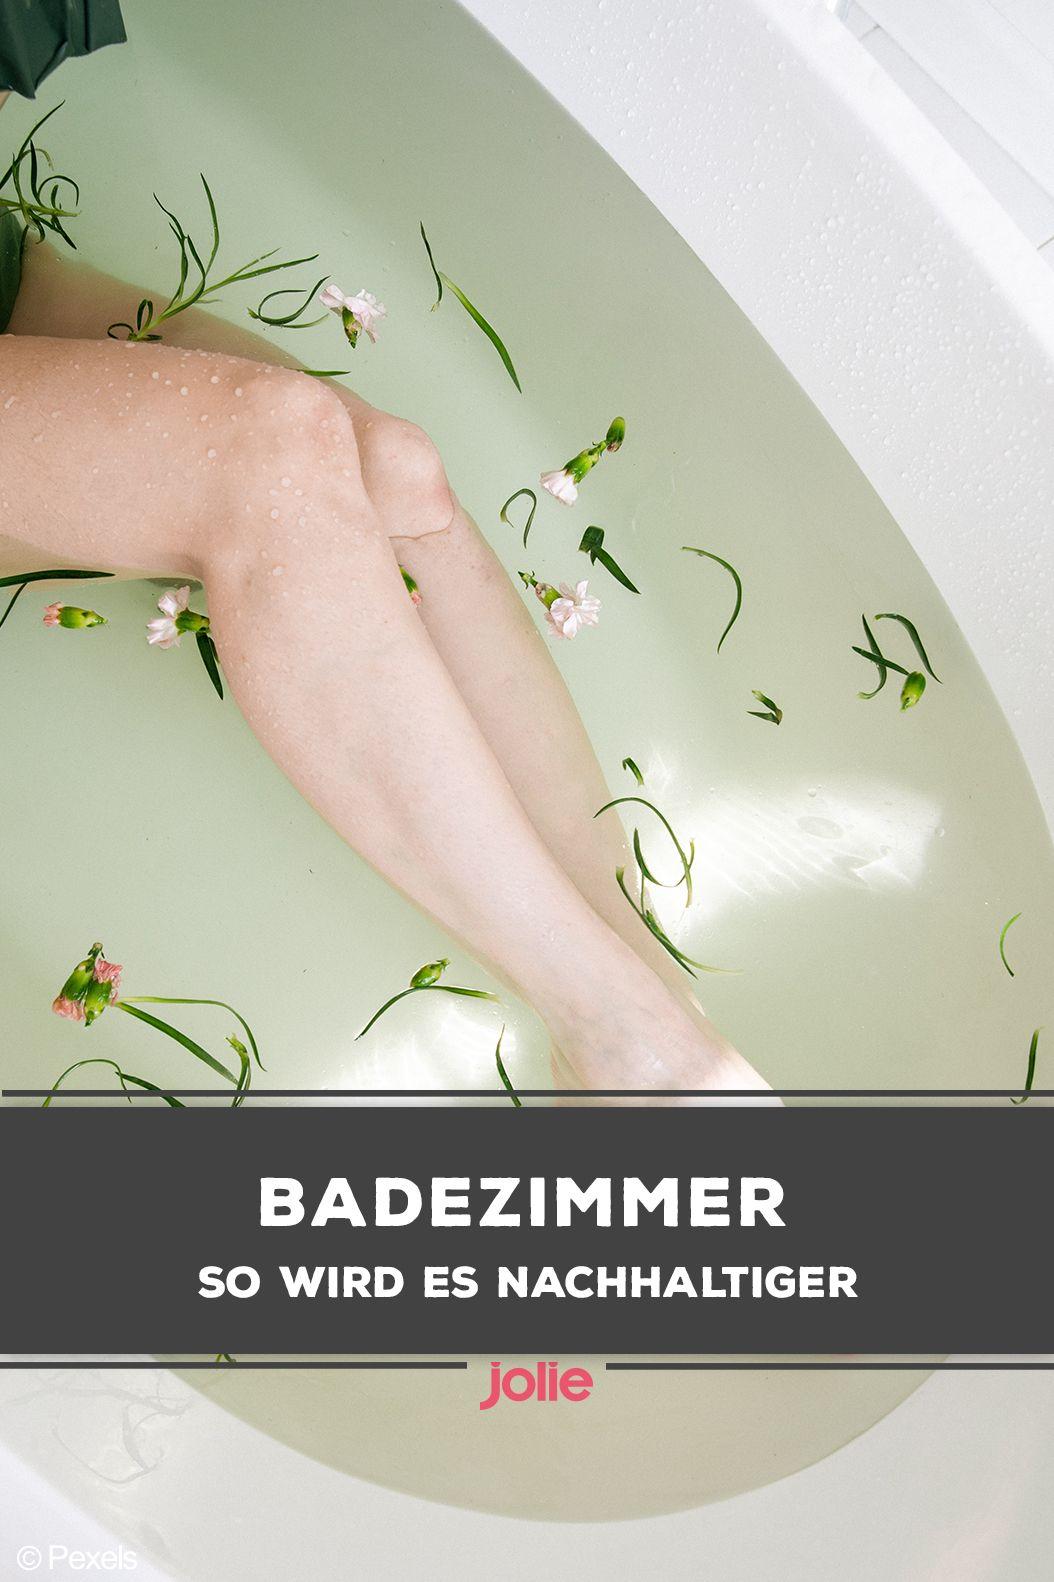 Nachhaltigkeit In 5 Schritten Zum Umweltfreundlichen Badezimmer Nachhaltigkeit Umweltfreundlich Badezimmer